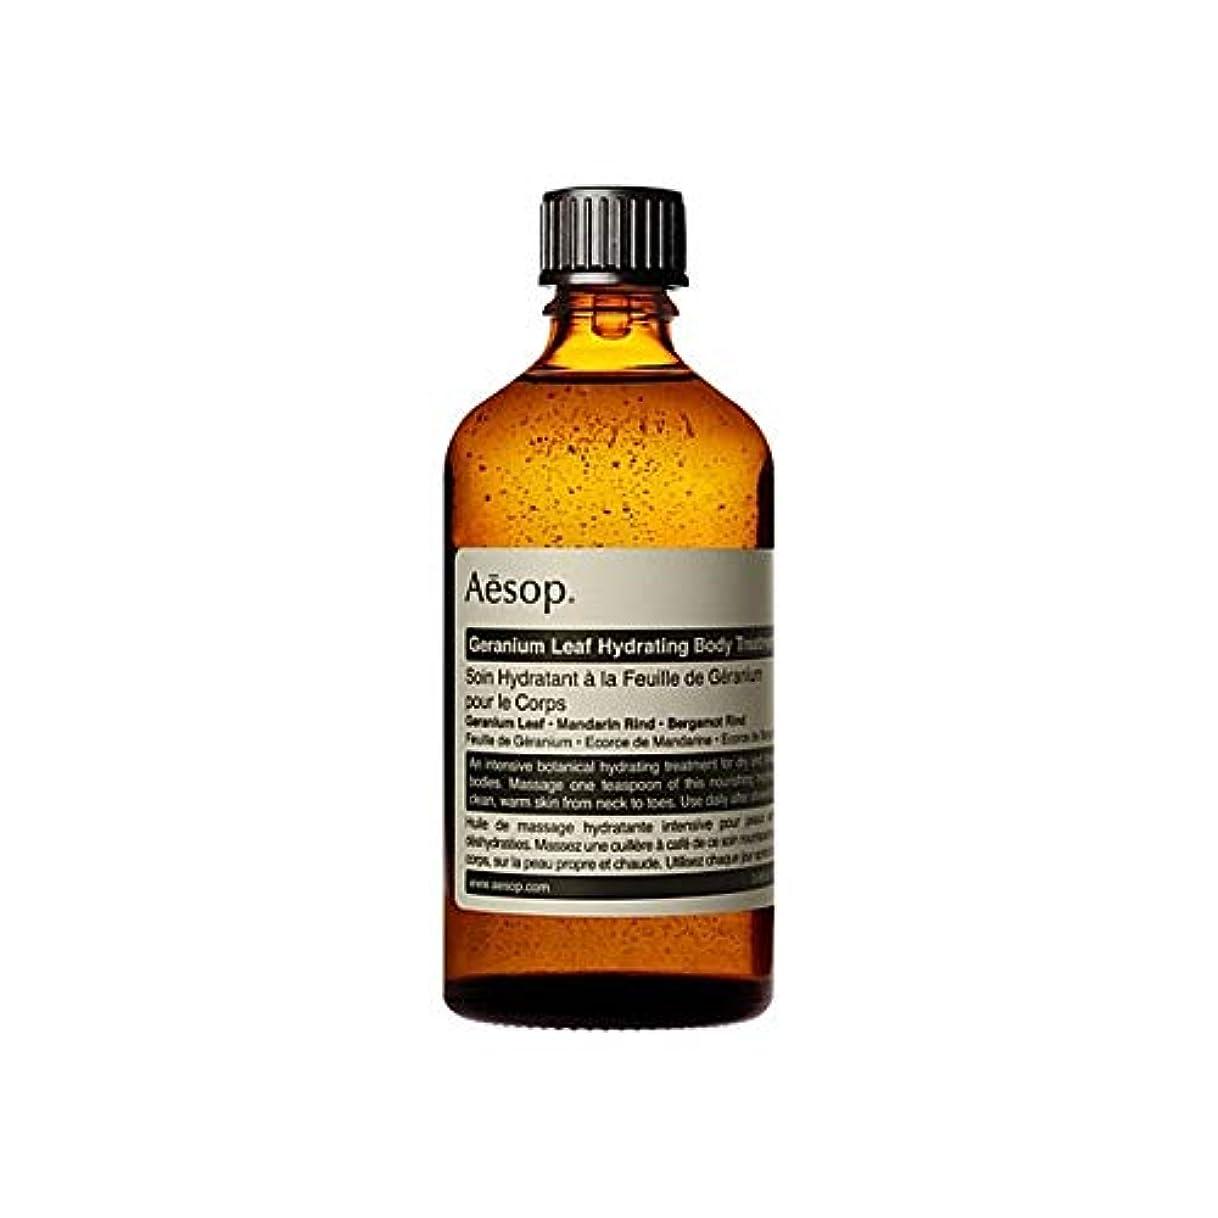 表示モディッシュ中古[Aesop] イソップのゼラニウムの葉水和ボディトリートメント100ミリリットル - Aesop Geranium Leaf Hydrating Body Treatment 100ml [並行輸入品]